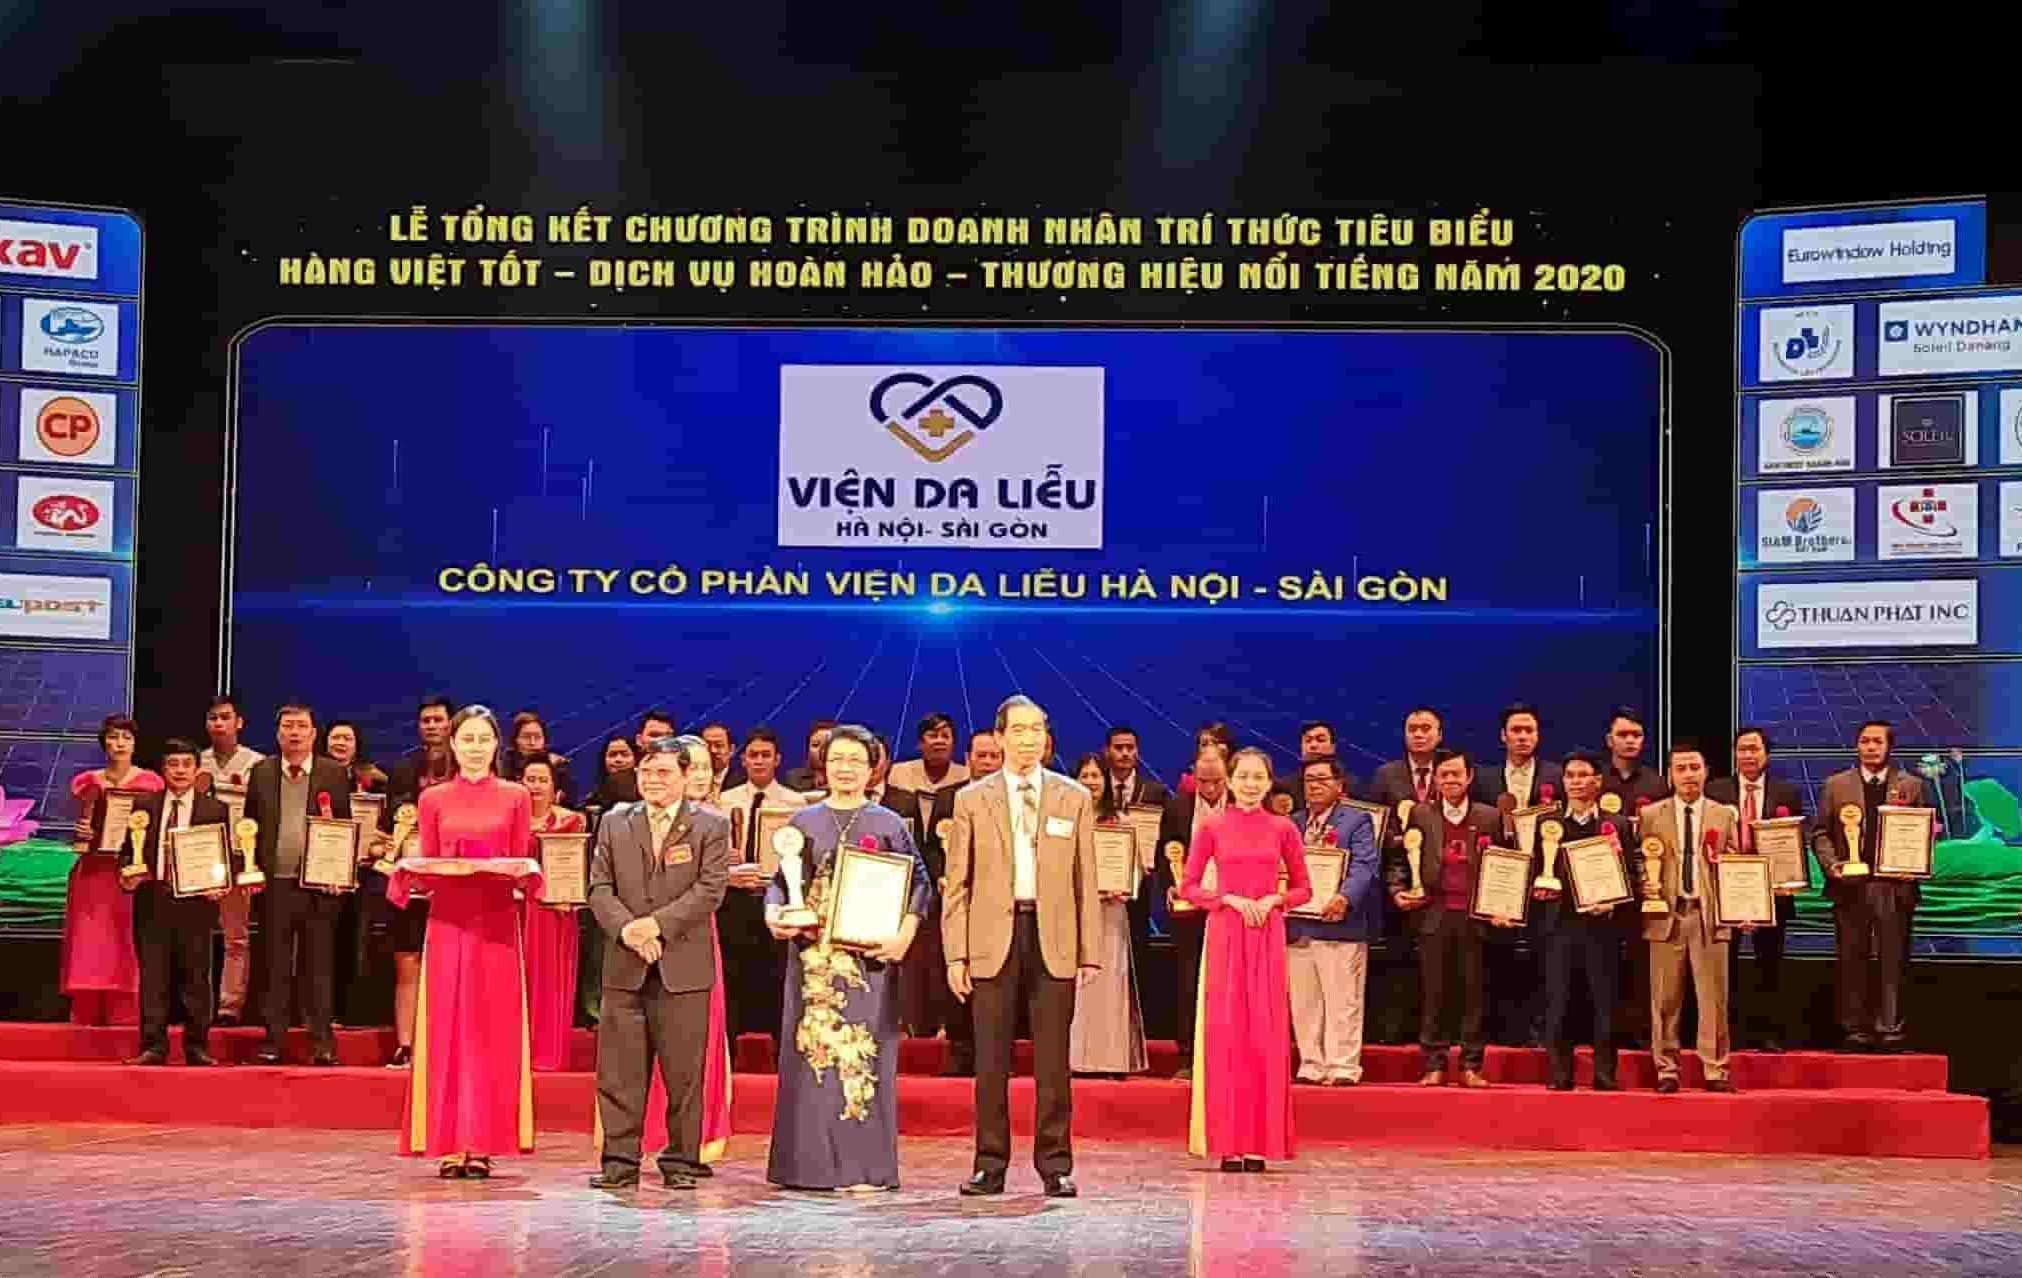 Giải thưởng là sự cộng nhận cho những nỗ lực cống hiến của Viện da liễu Hà Nội - Sài Gòn